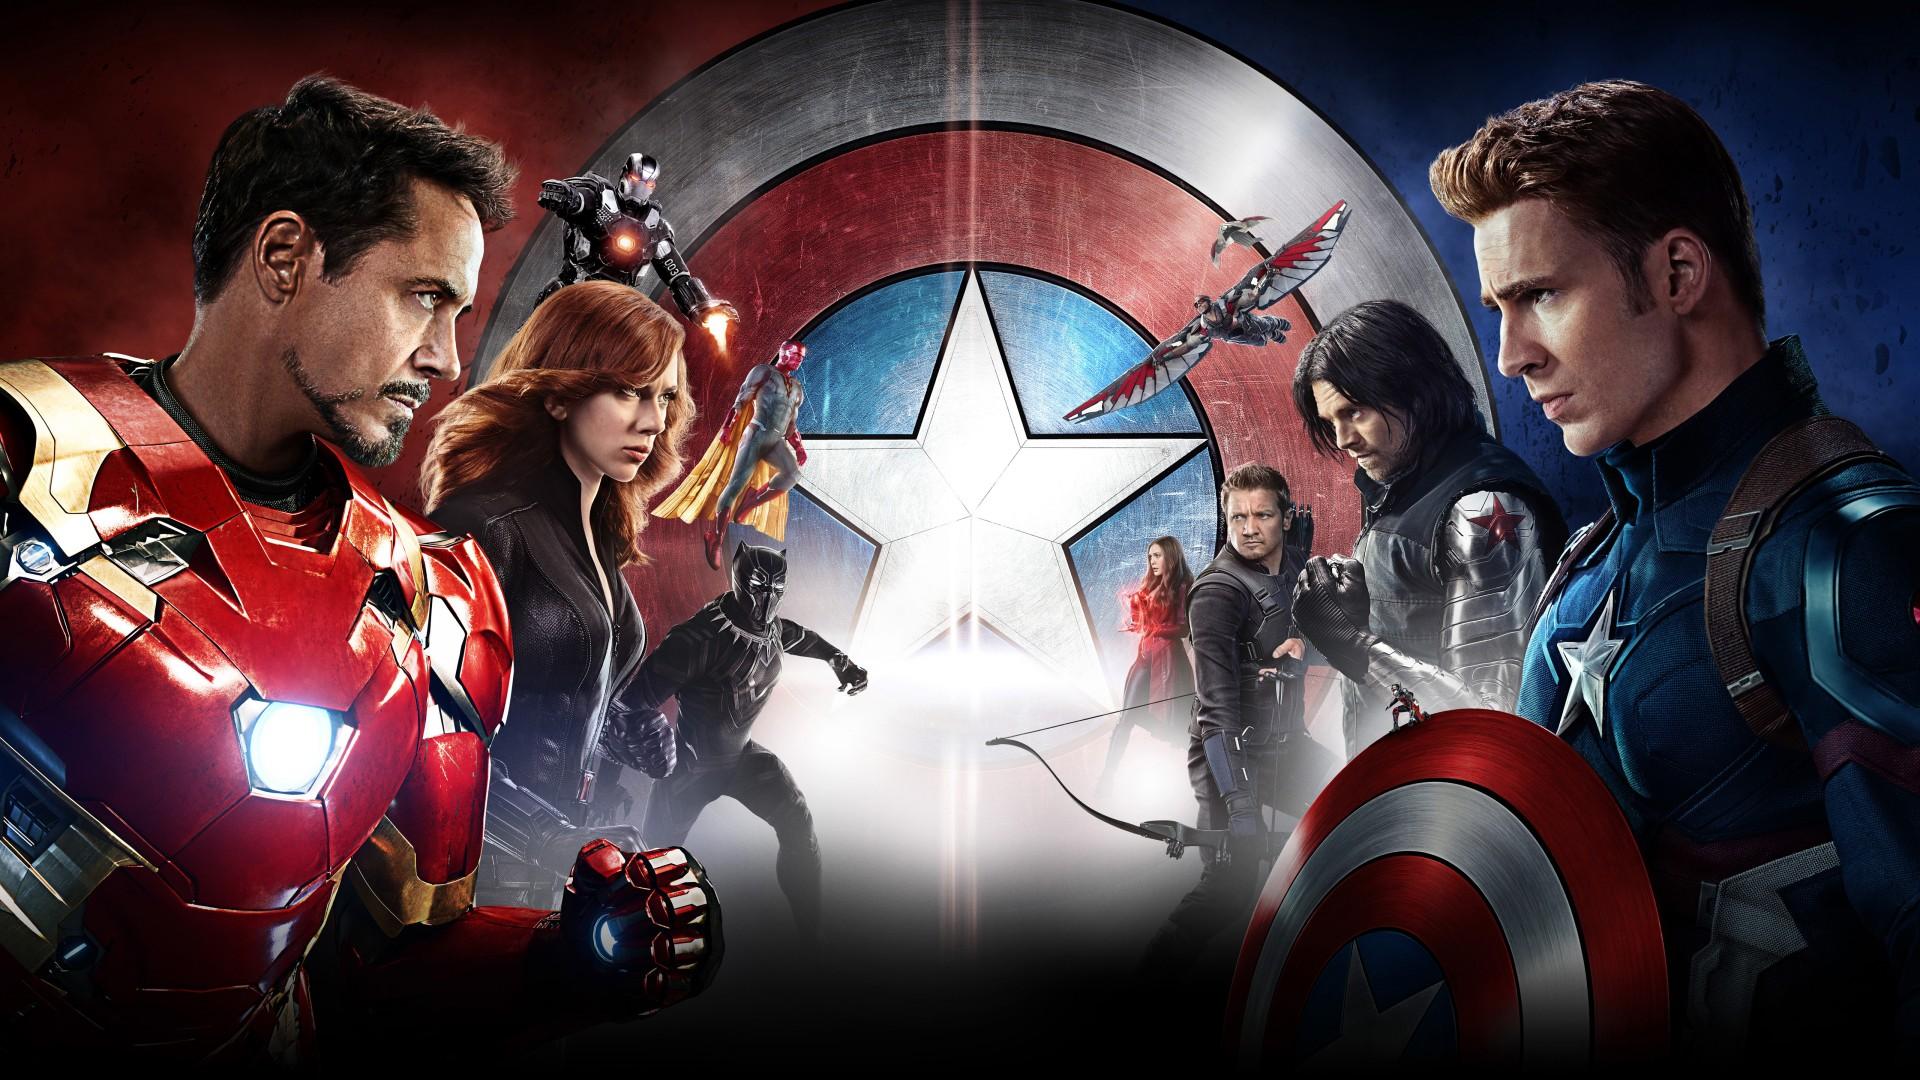 Top Iphone Wallpapers Hd Captain America Civil War 5k Hd Wallpapers Hd Wallpapers